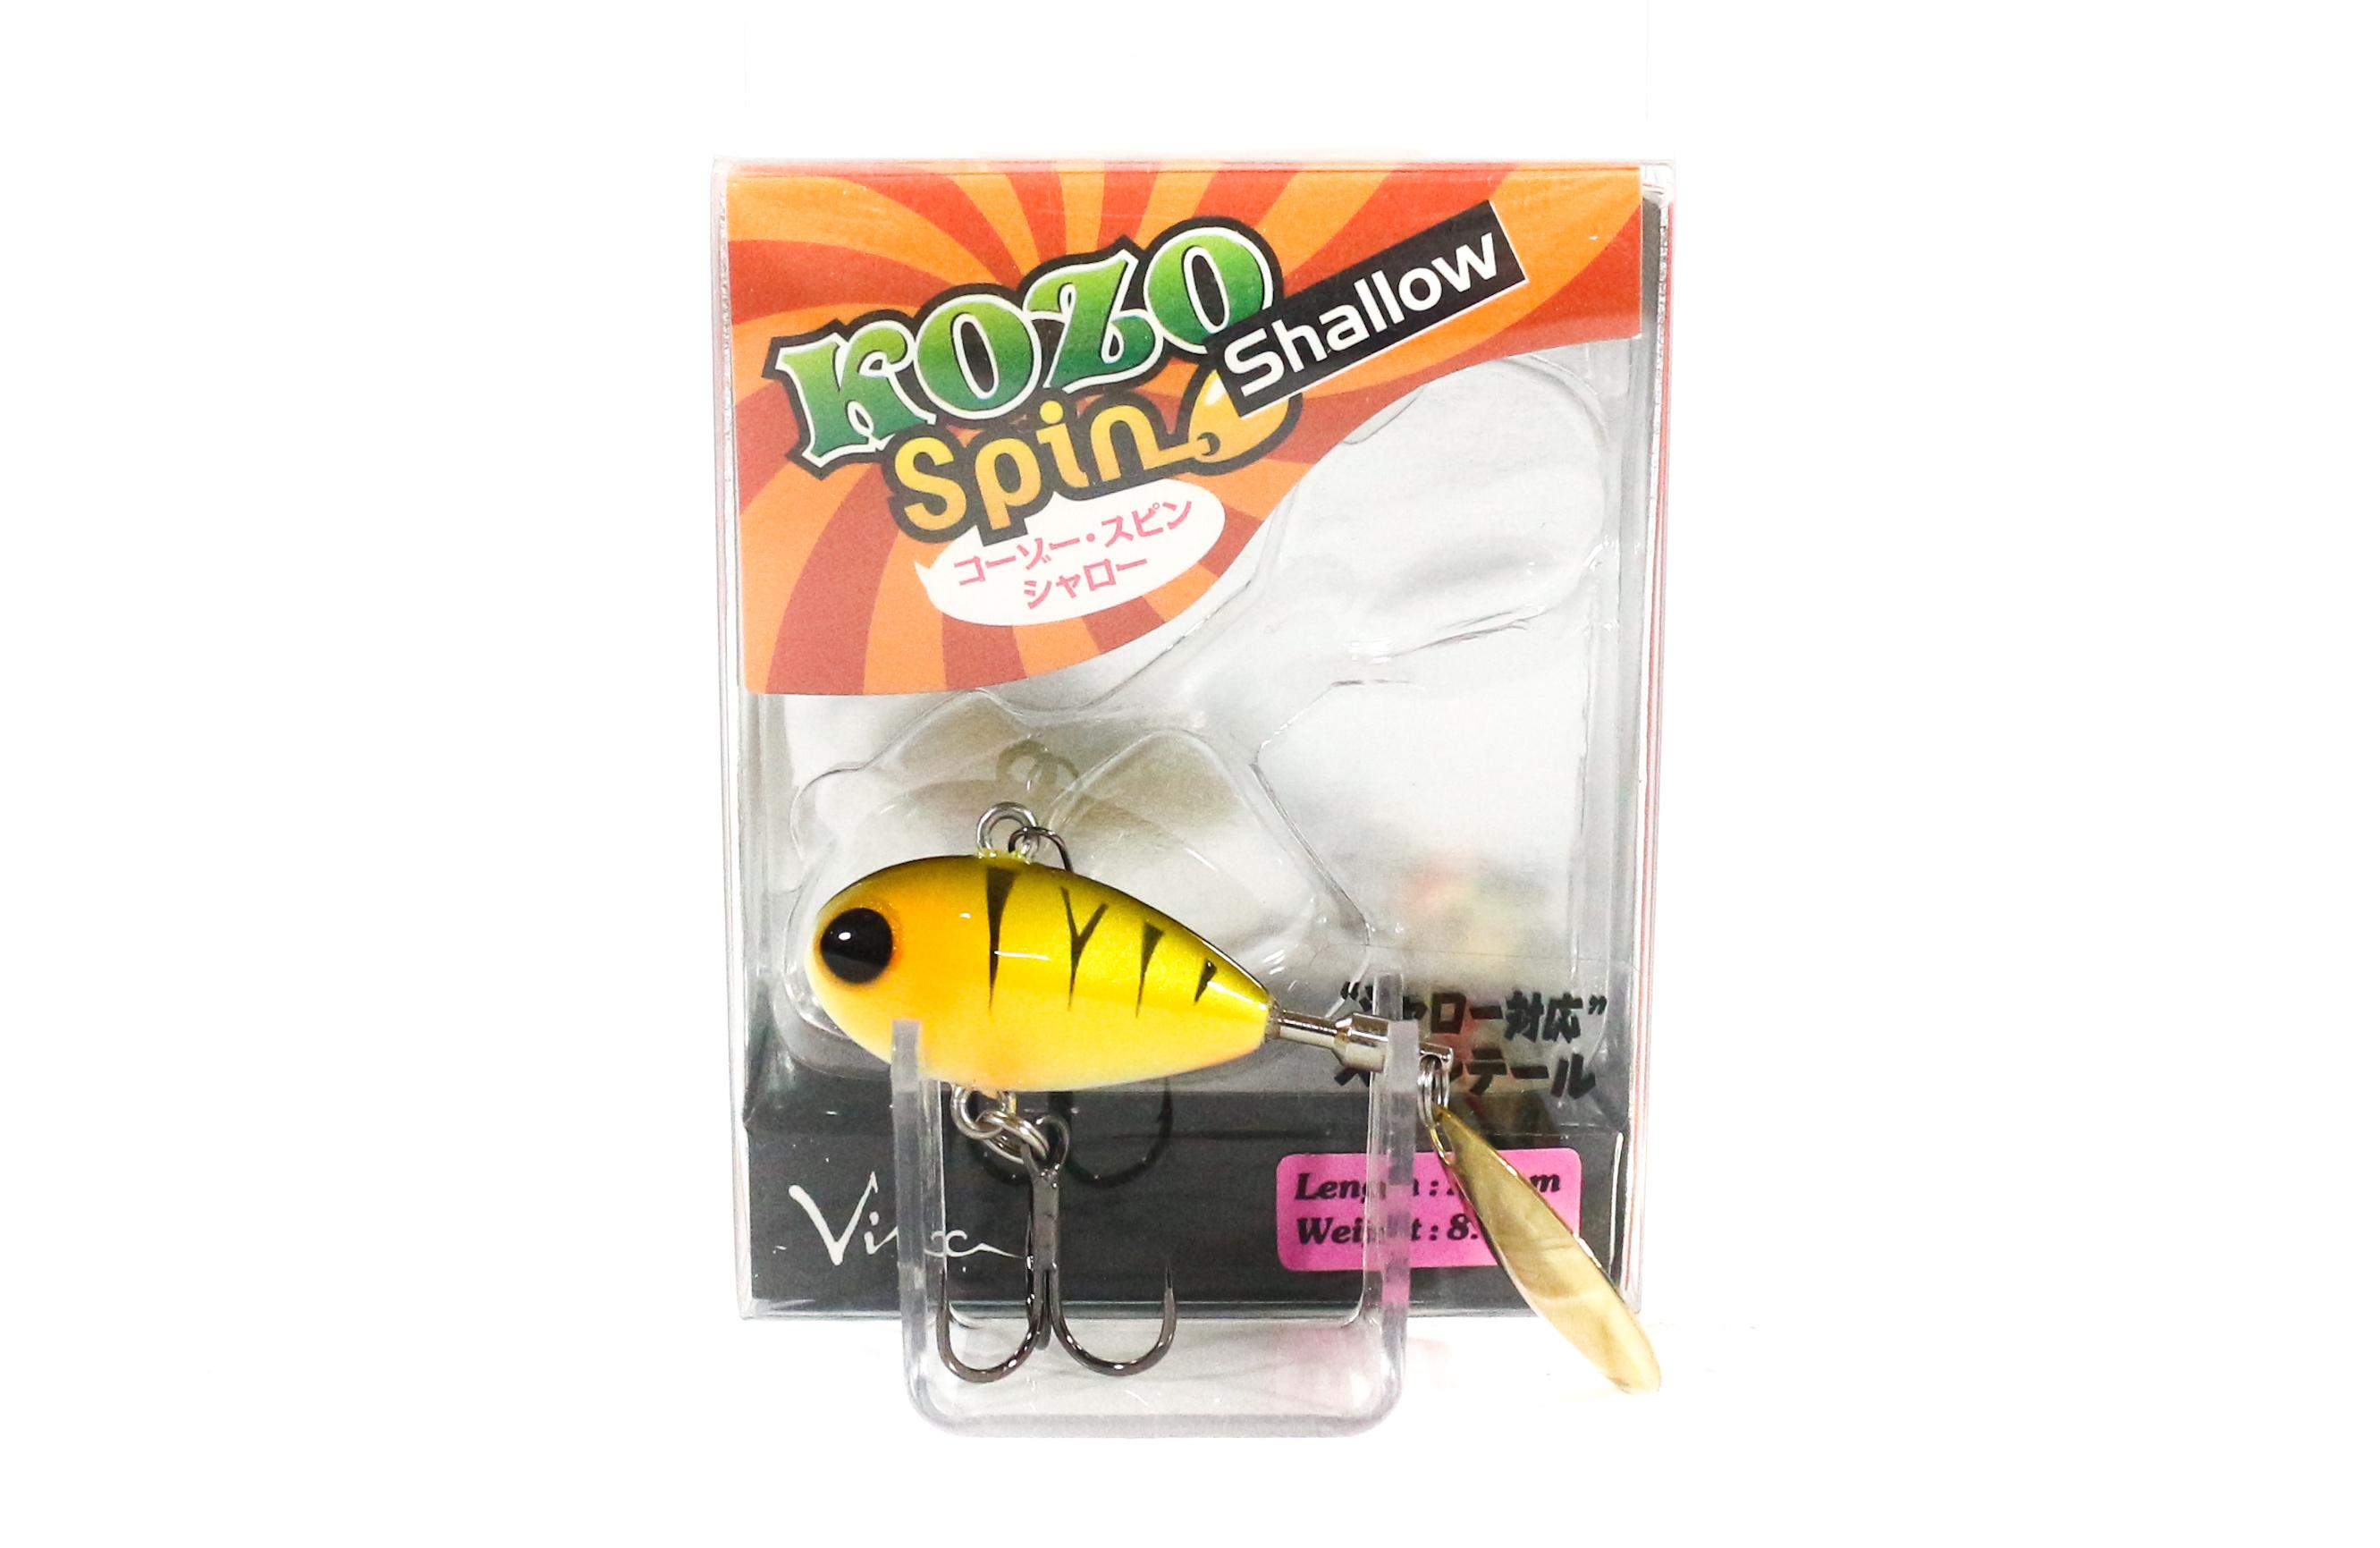 Viva Kozo Spin Shallow 8.2 grams Spinner Bait Lure 190 (3065)